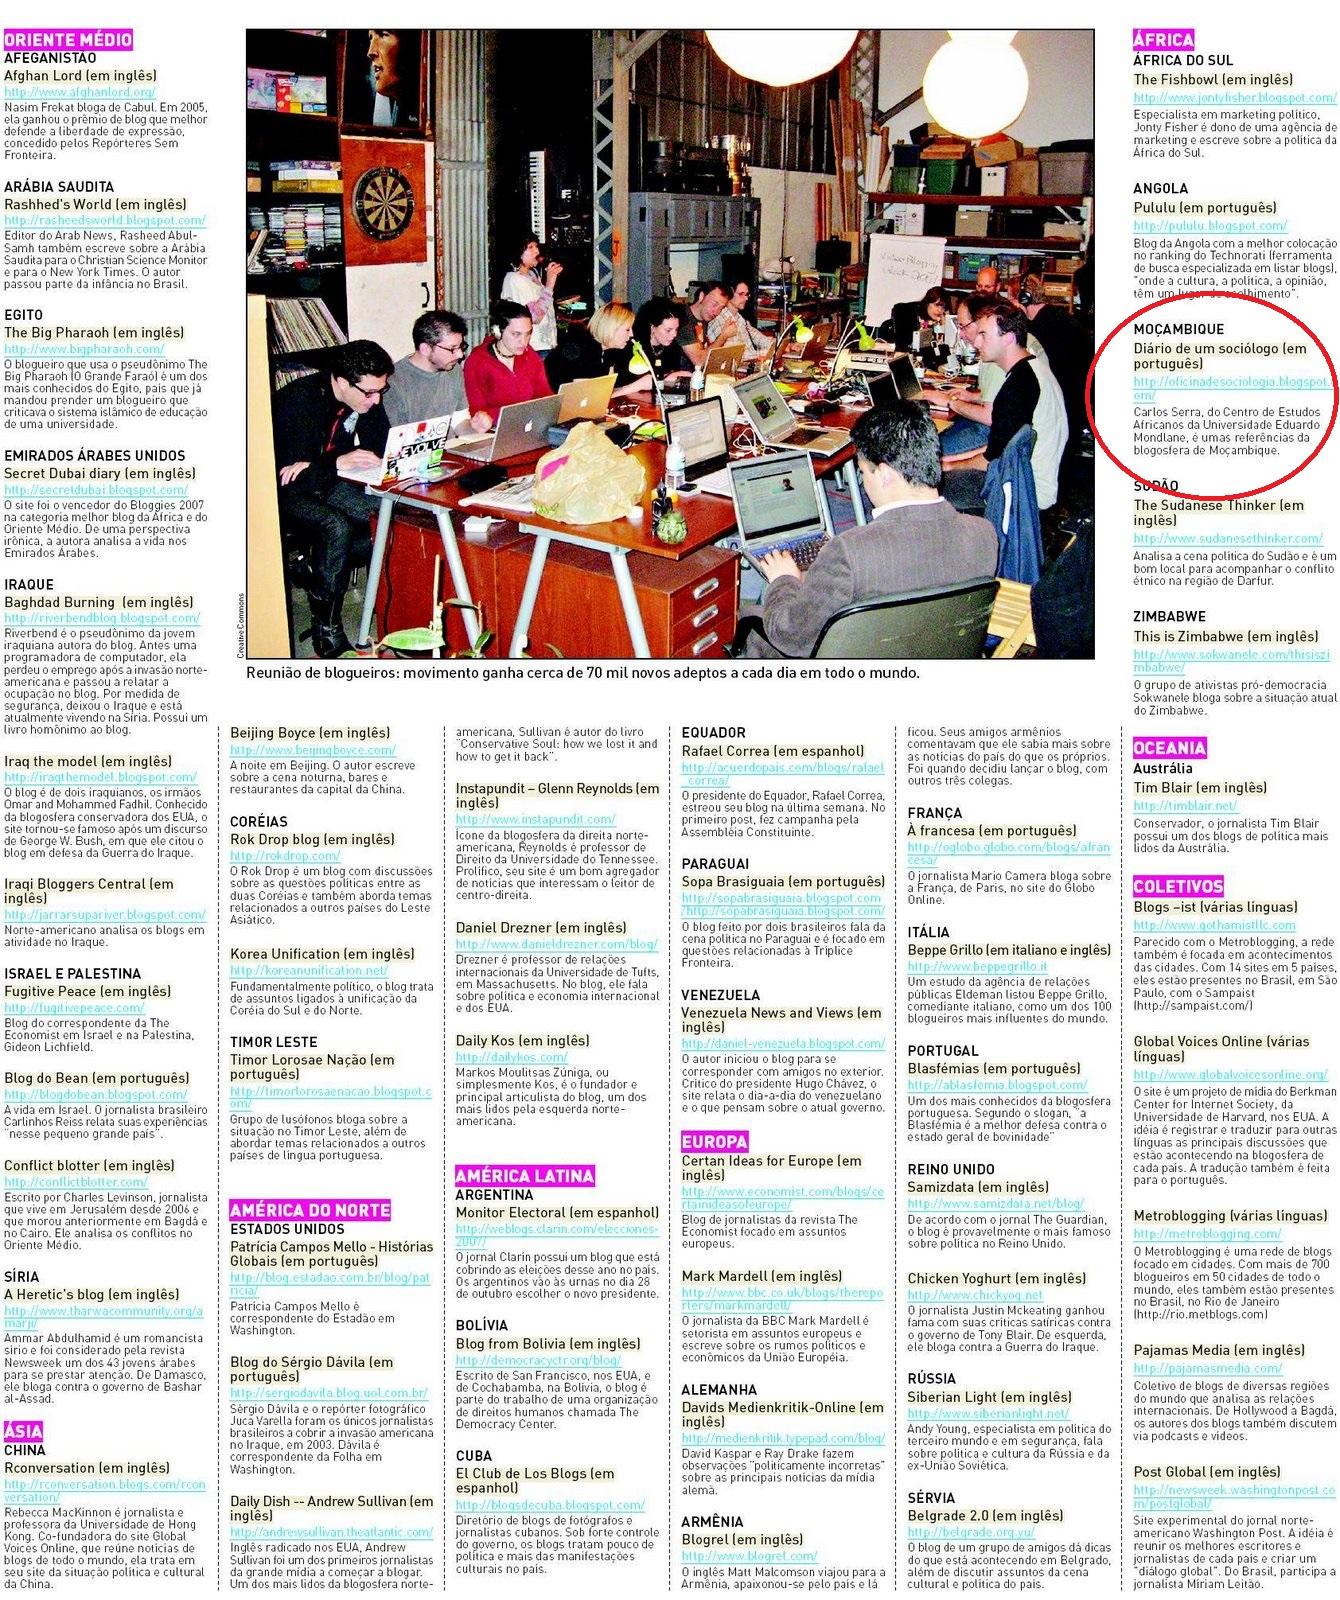 di rio de um soci logo entre 50 blogues para entender o mundo 2008